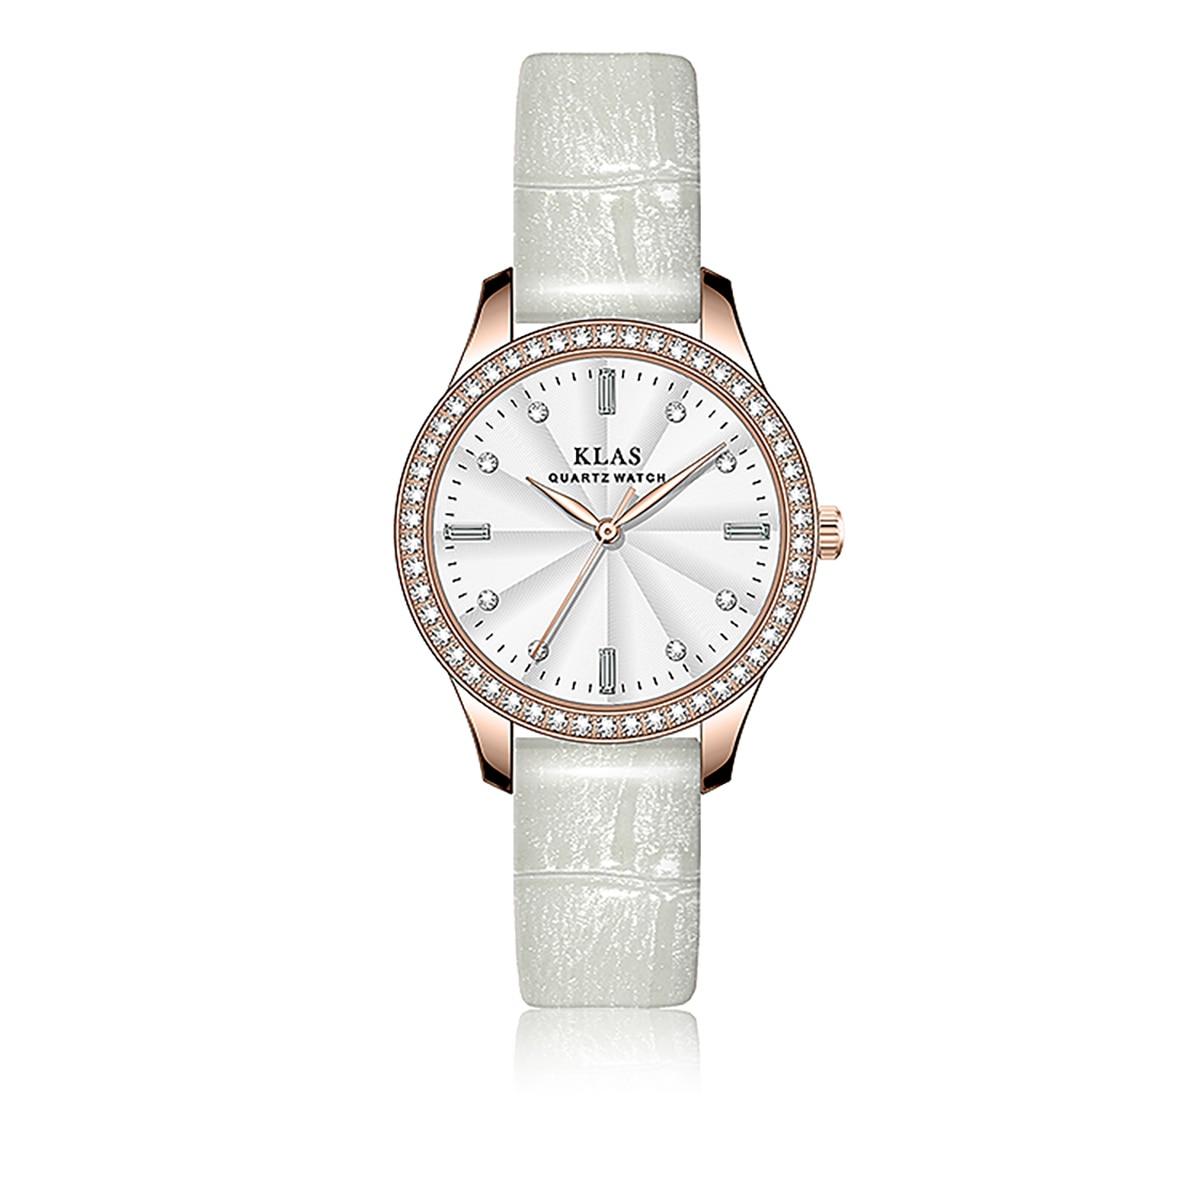 كوارتز لطيف نمط ساعة اتجاهات شخصية فريدة من نوعها الإبداعية مخصص مقاوم للماء السيدات ساعة KLAS العلامة التجارية